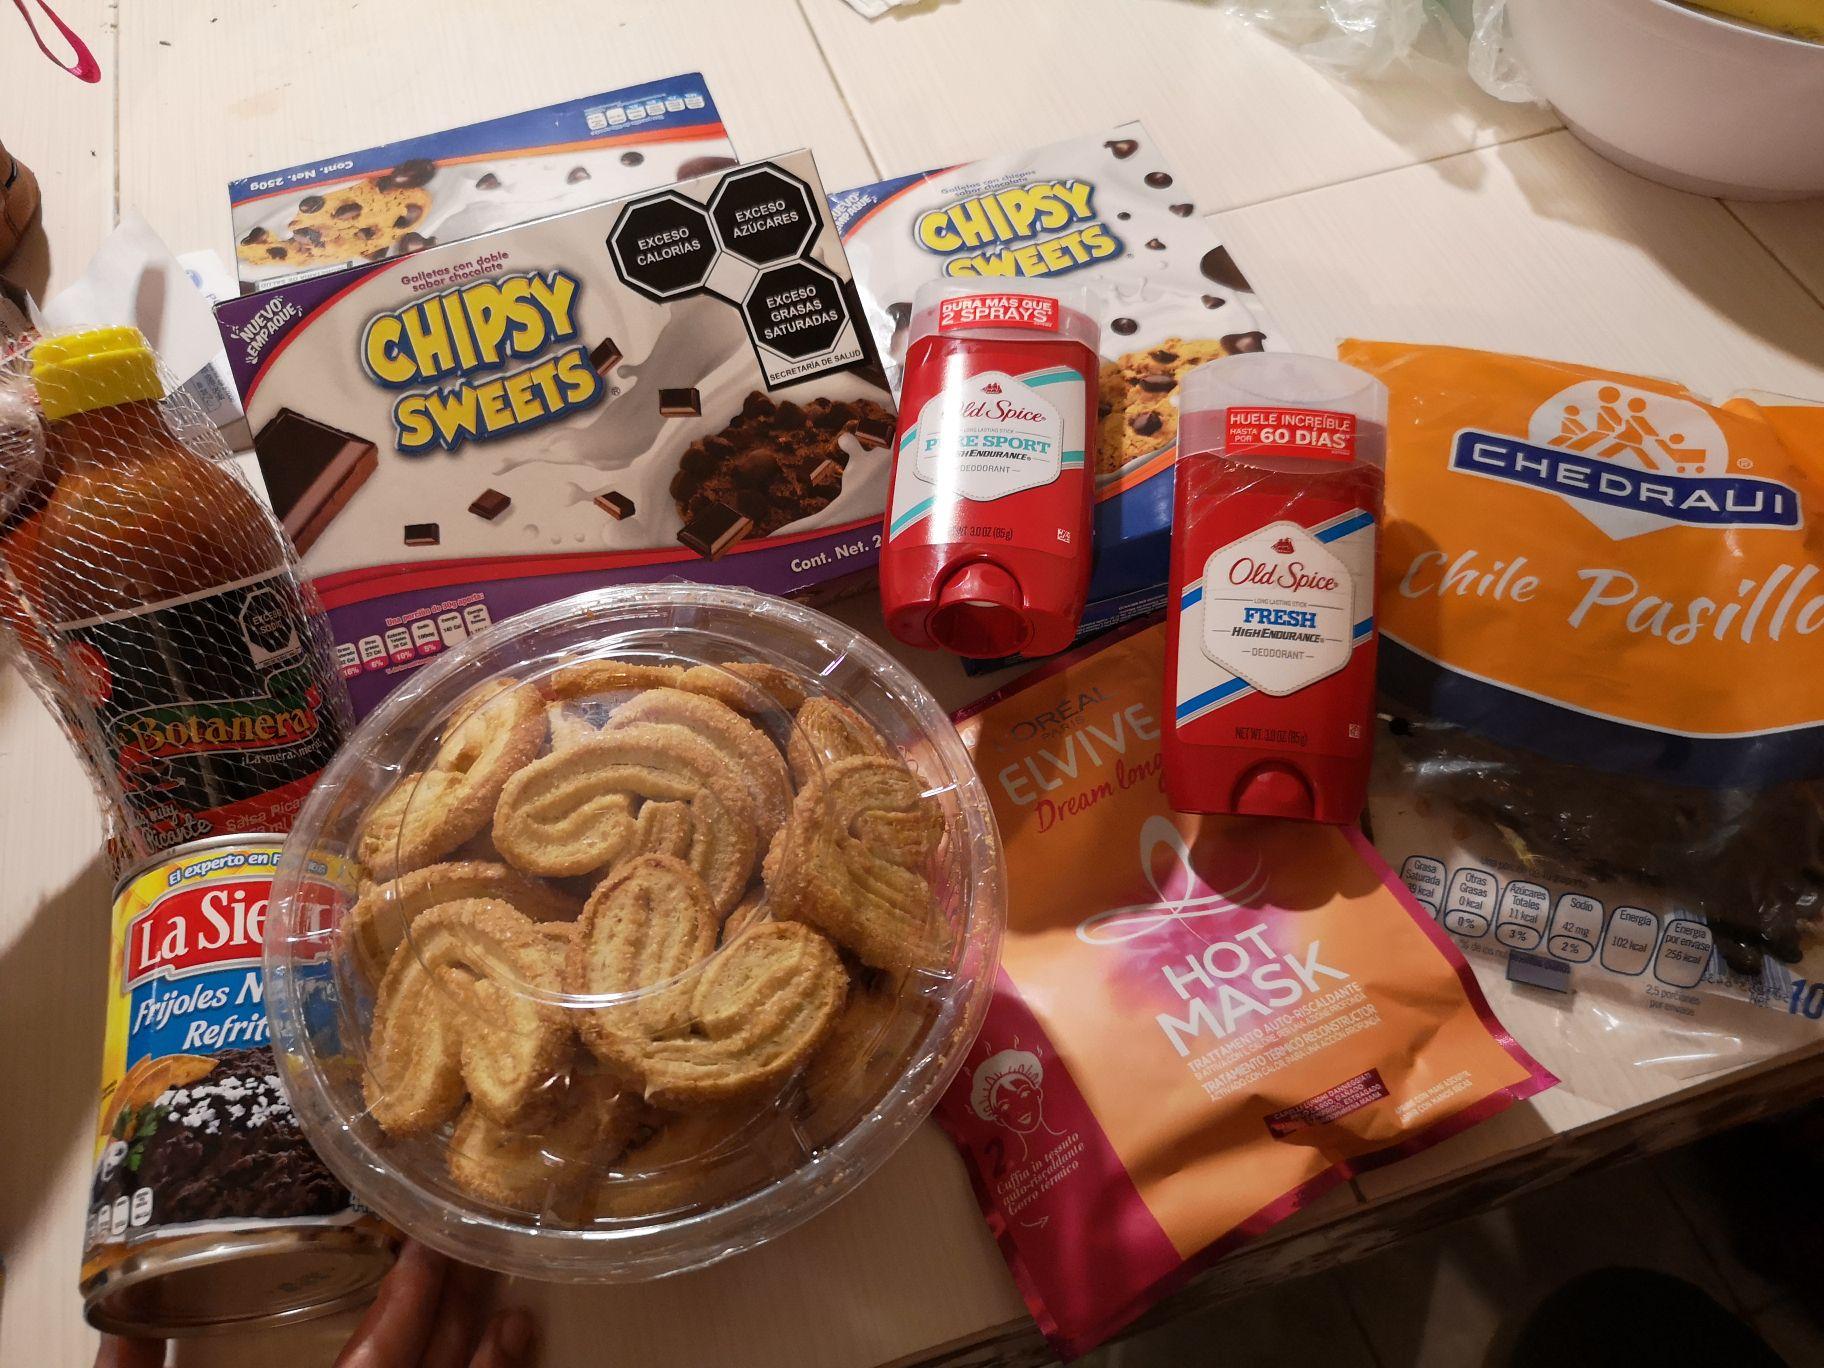 Chedraui plaza tepozan: bowl de orejitas a $1 y otros artículos...